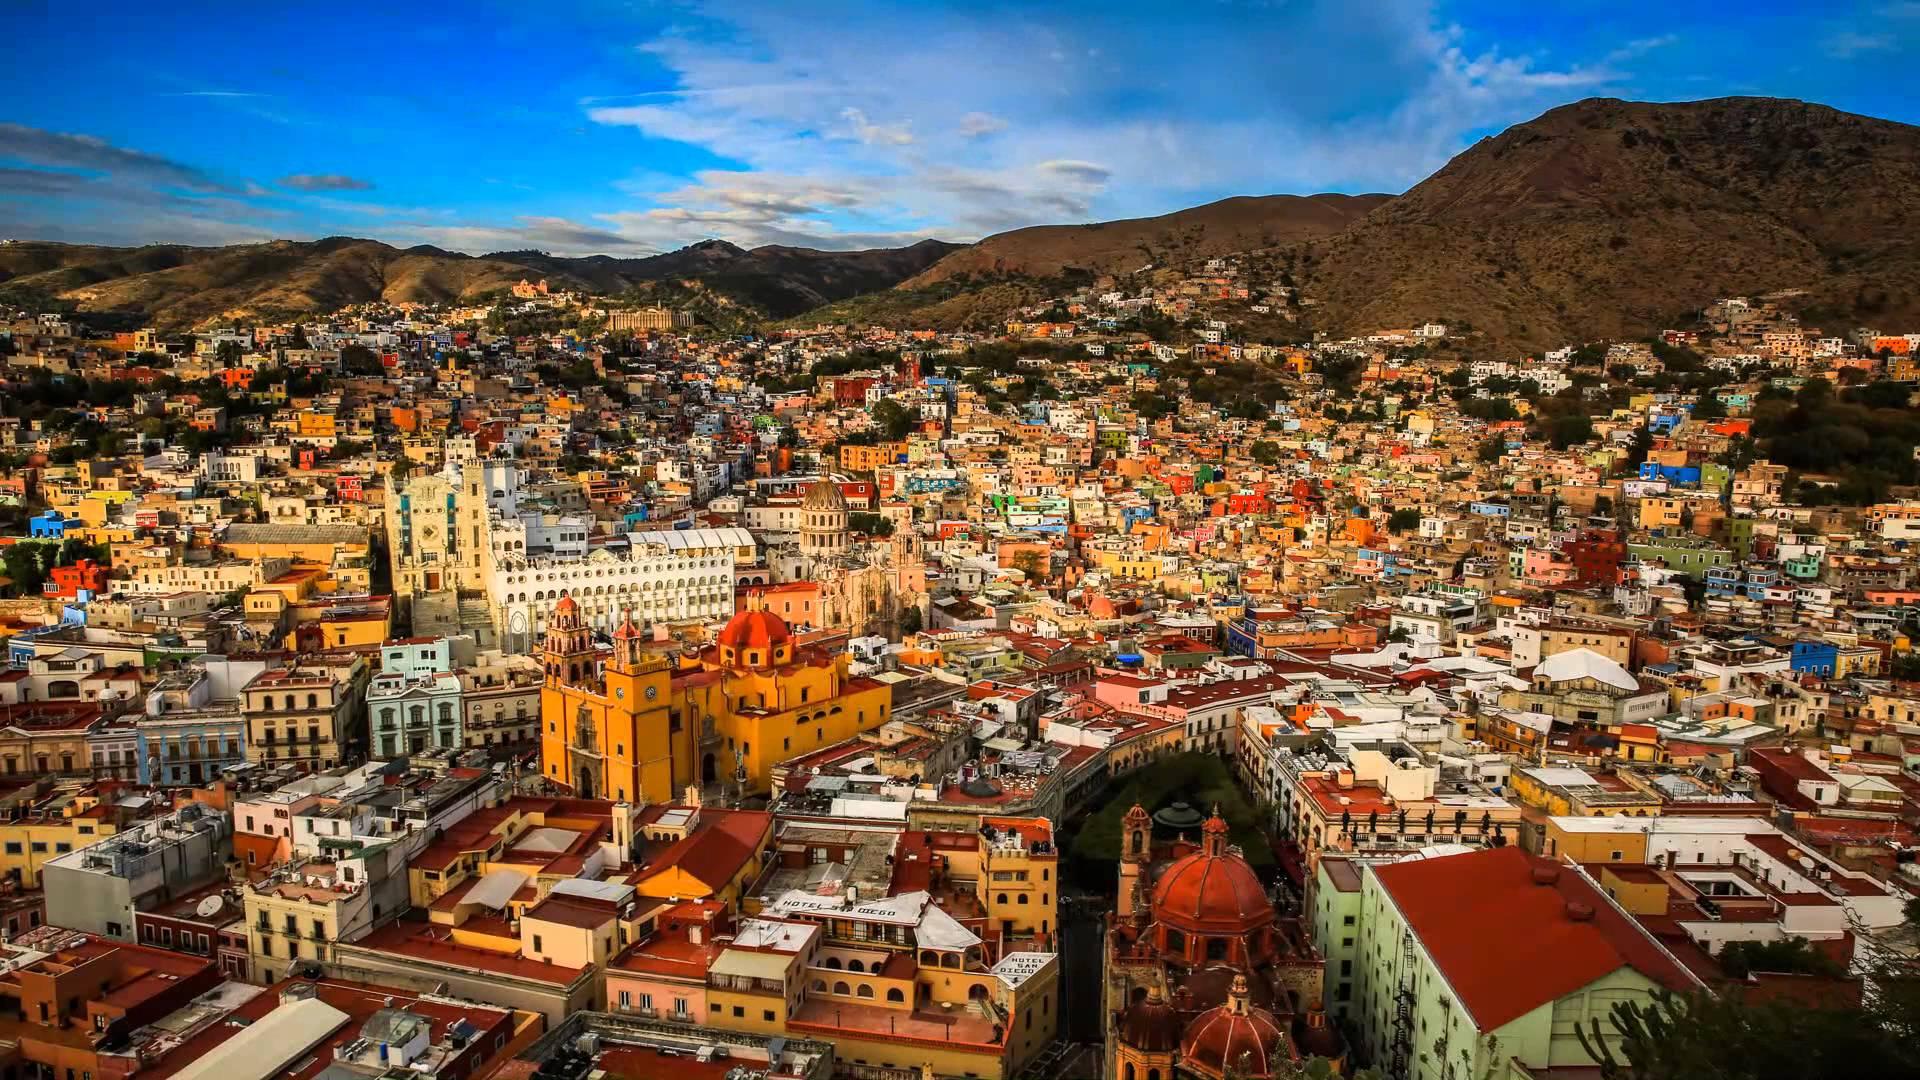 полной города мексики на картинках продаже вариант частного